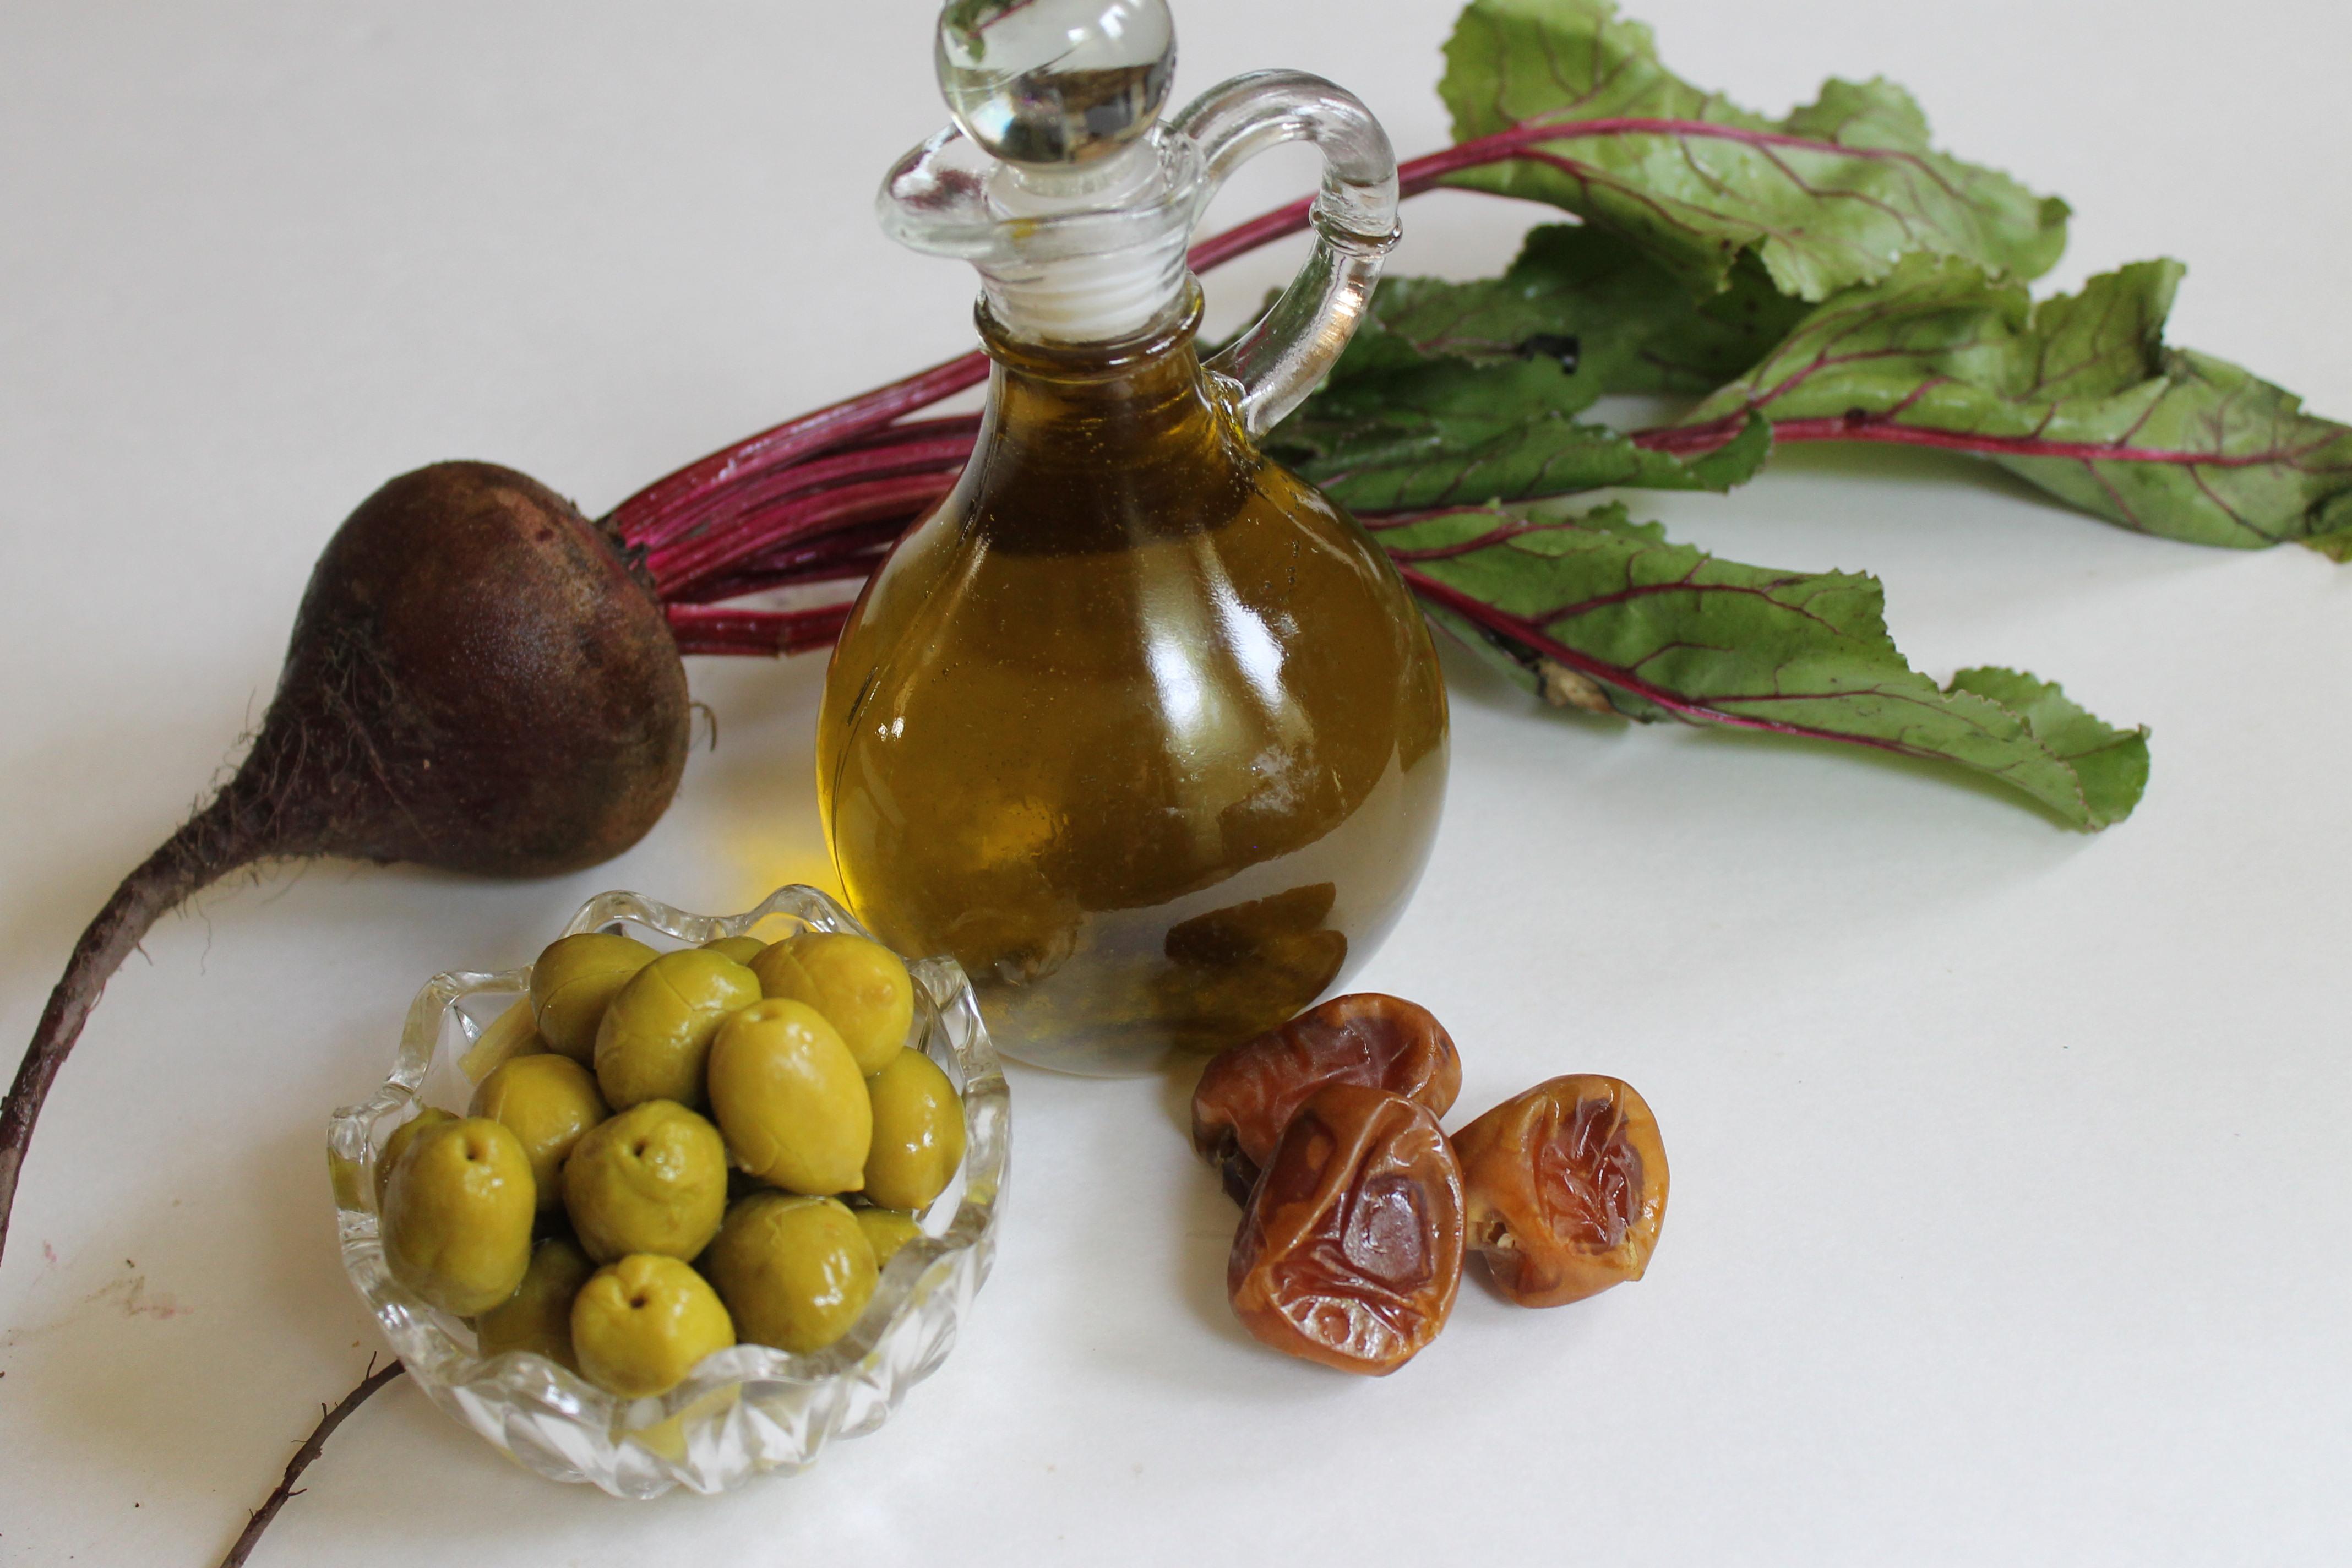 May 30_Ramadan and Healthy Eating (1)